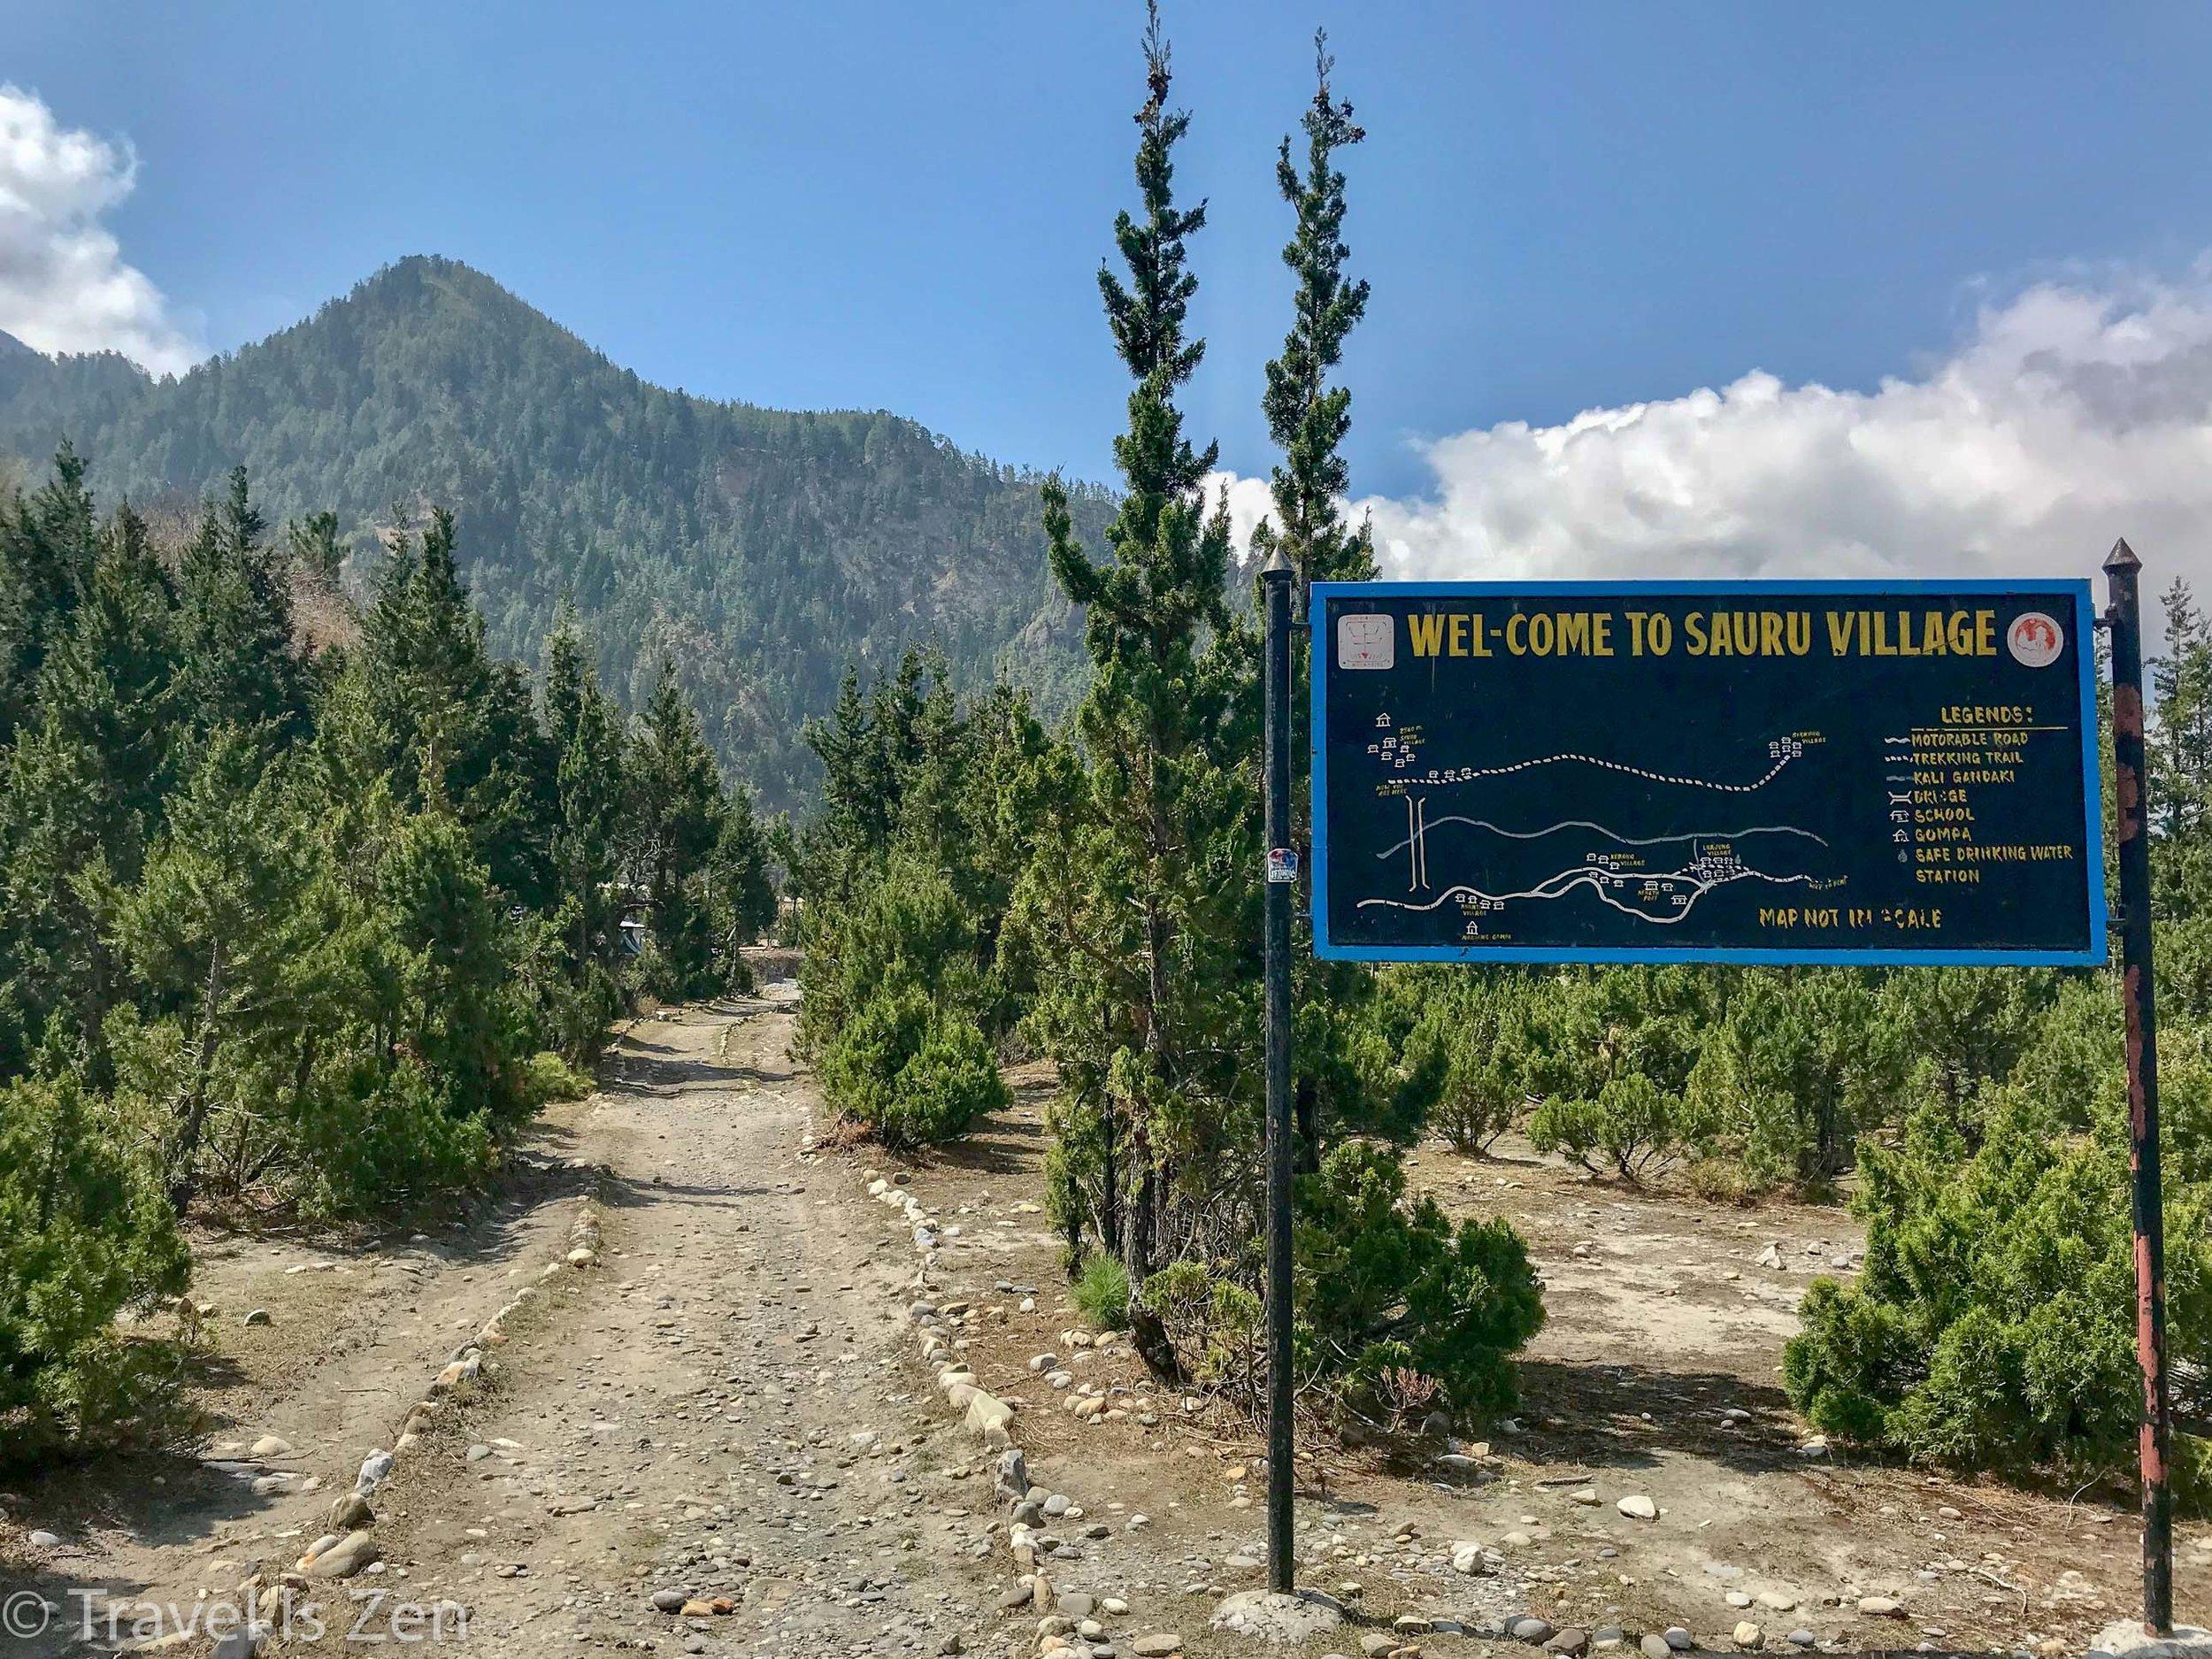 Sauru Village